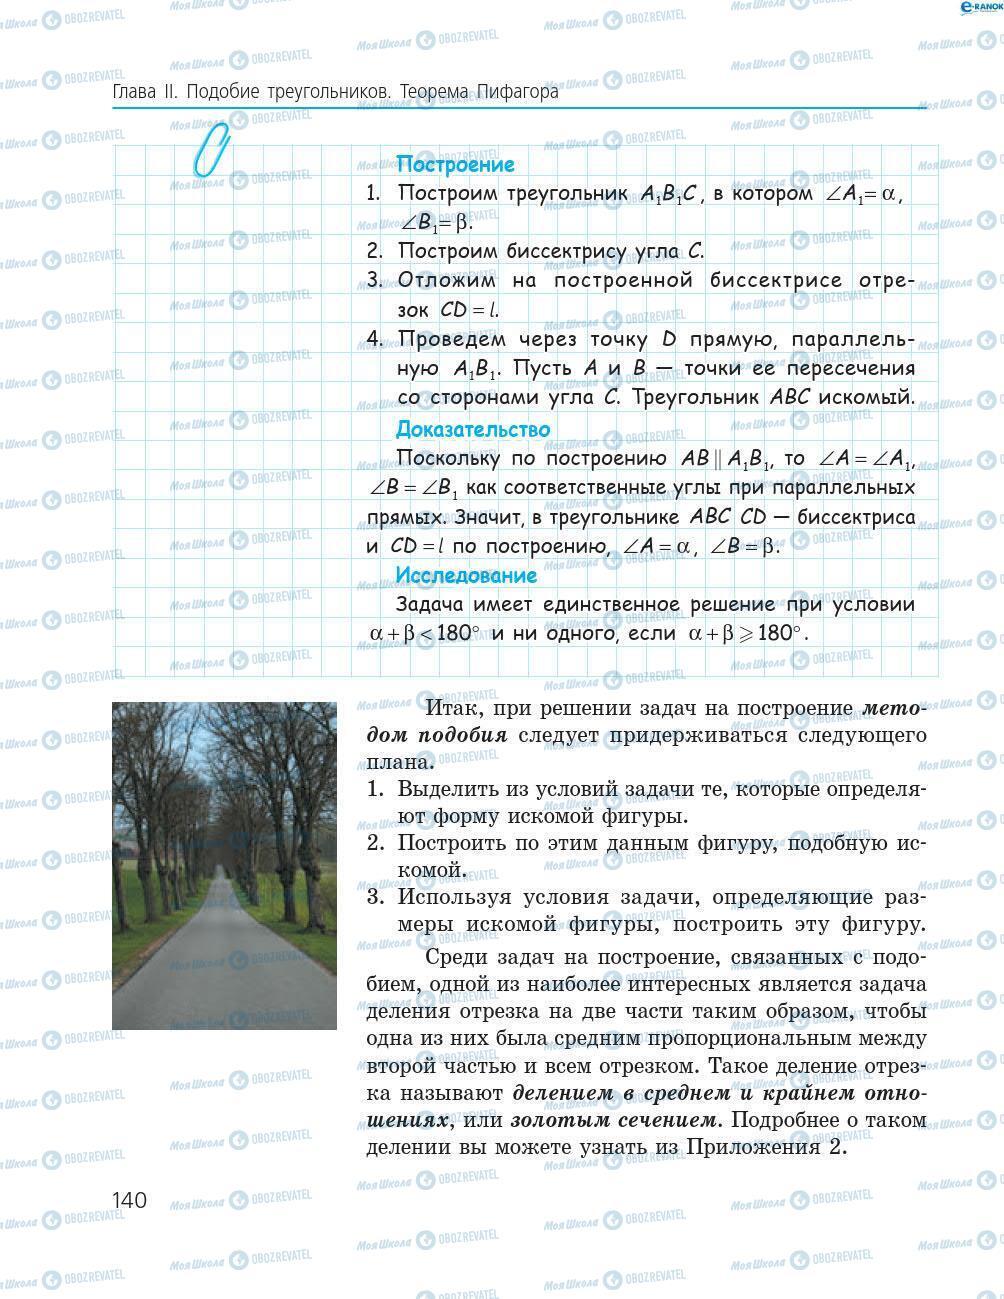 Підручники Геометрія 8 клас сторінка 140